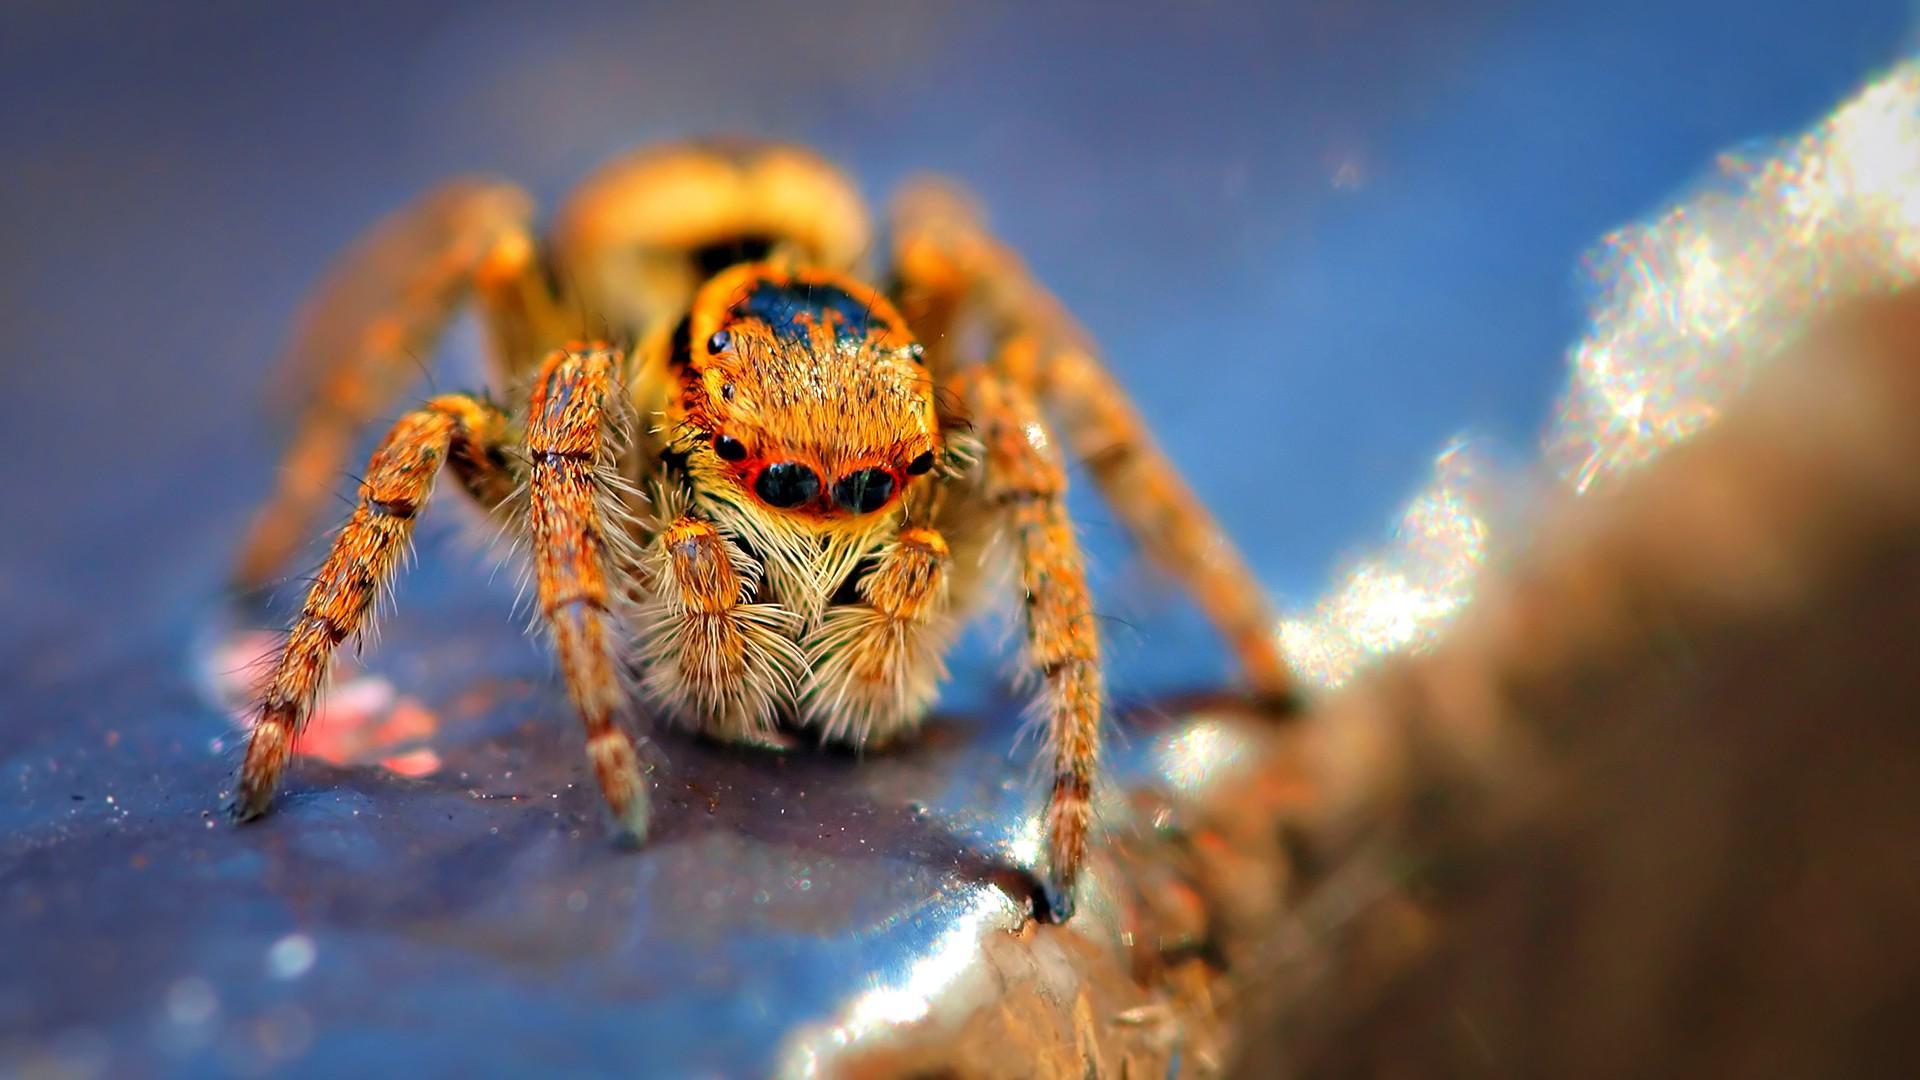 Macro photography spider 1920x1080